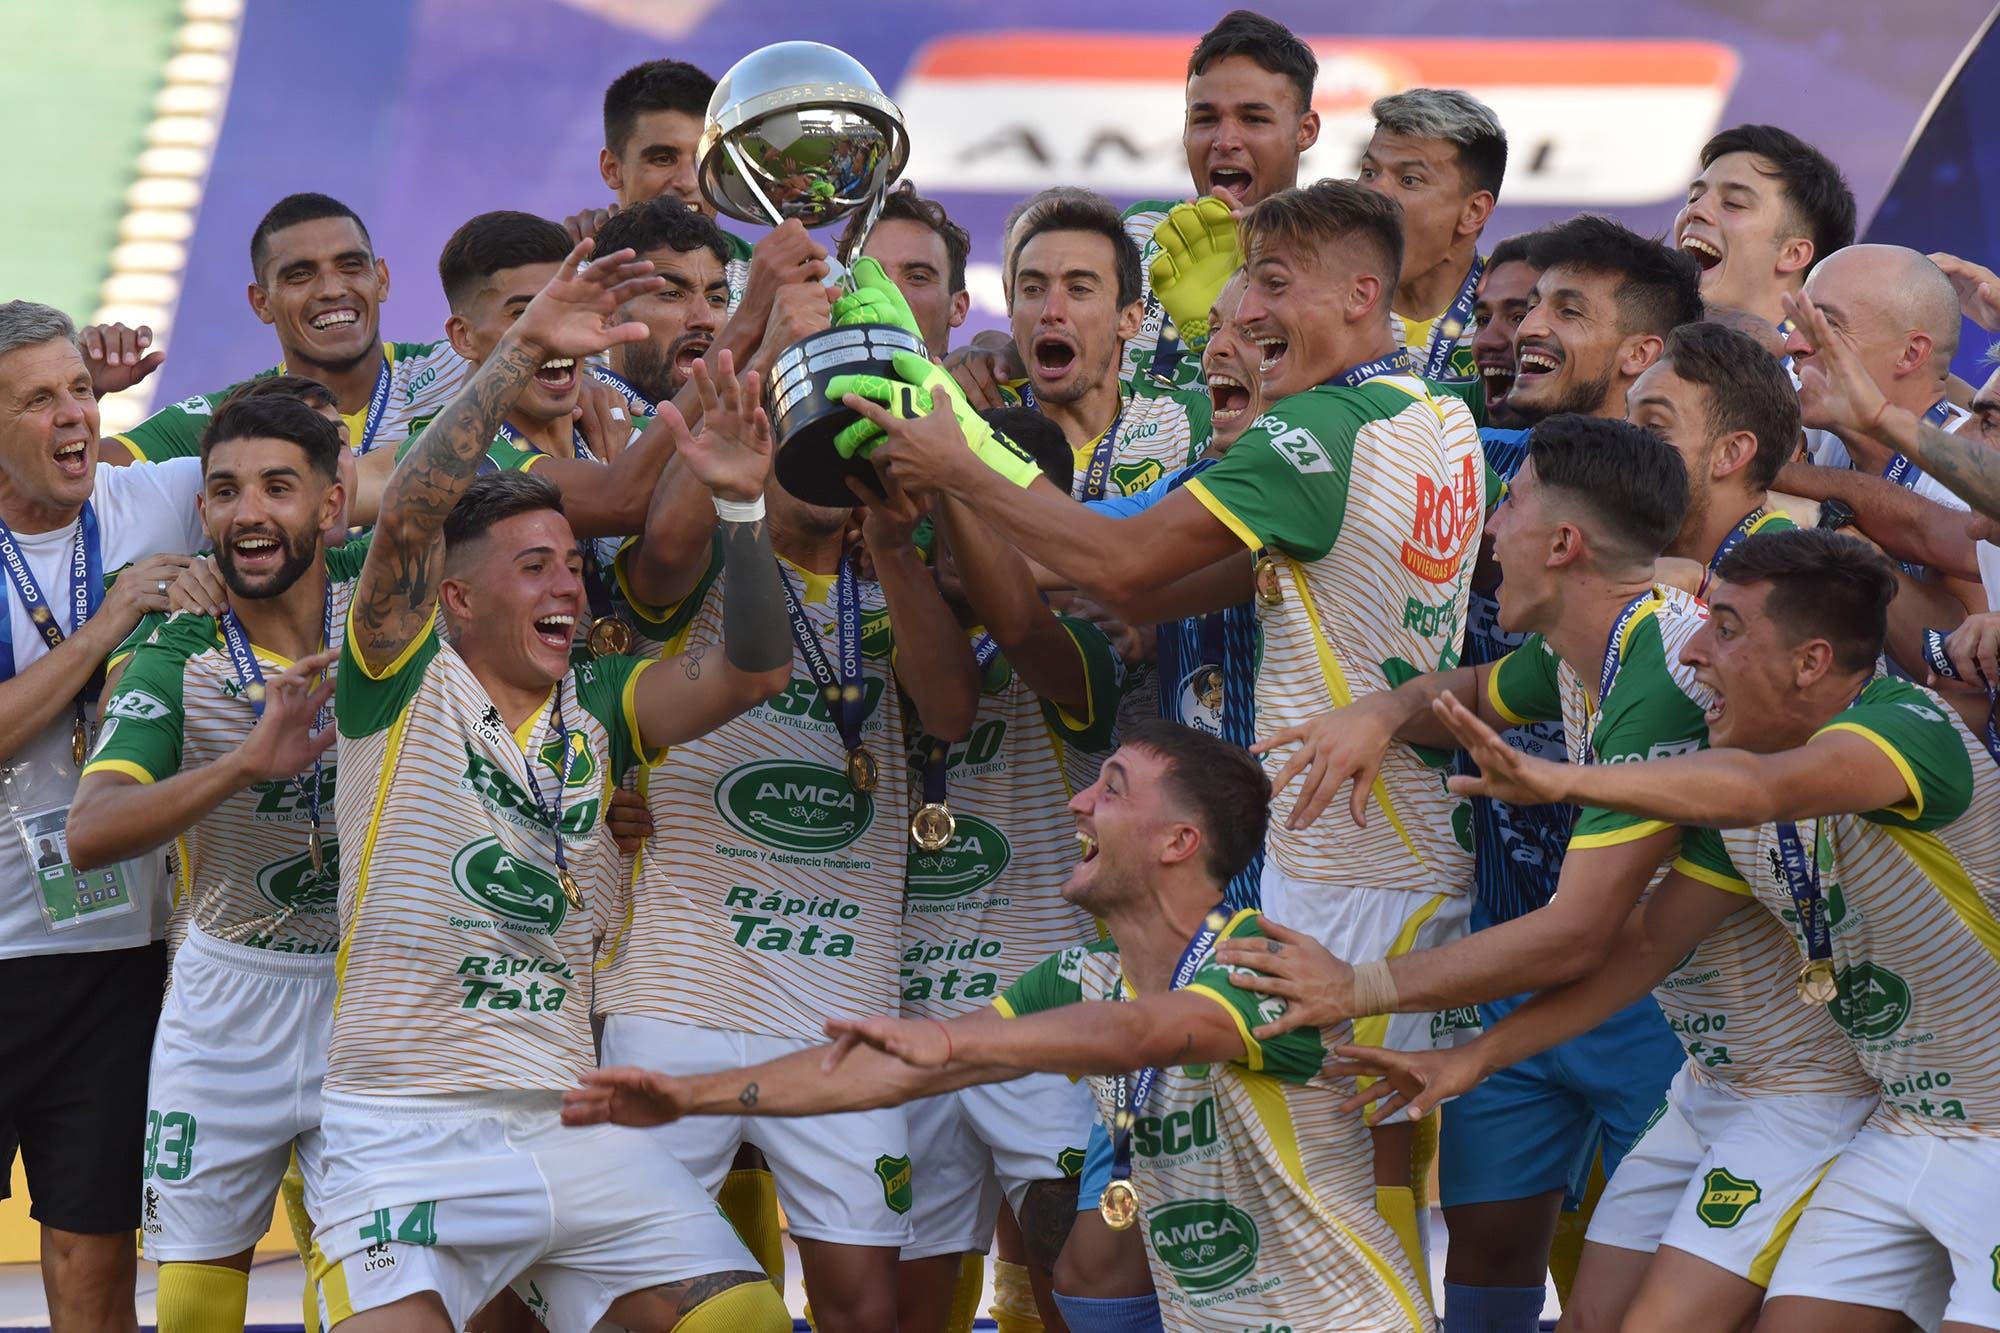 ¡Defensa y Justicia, campeón! Goleó 3-0 a Lanús y ganó la Copa Sudamericana, su primer título internacional